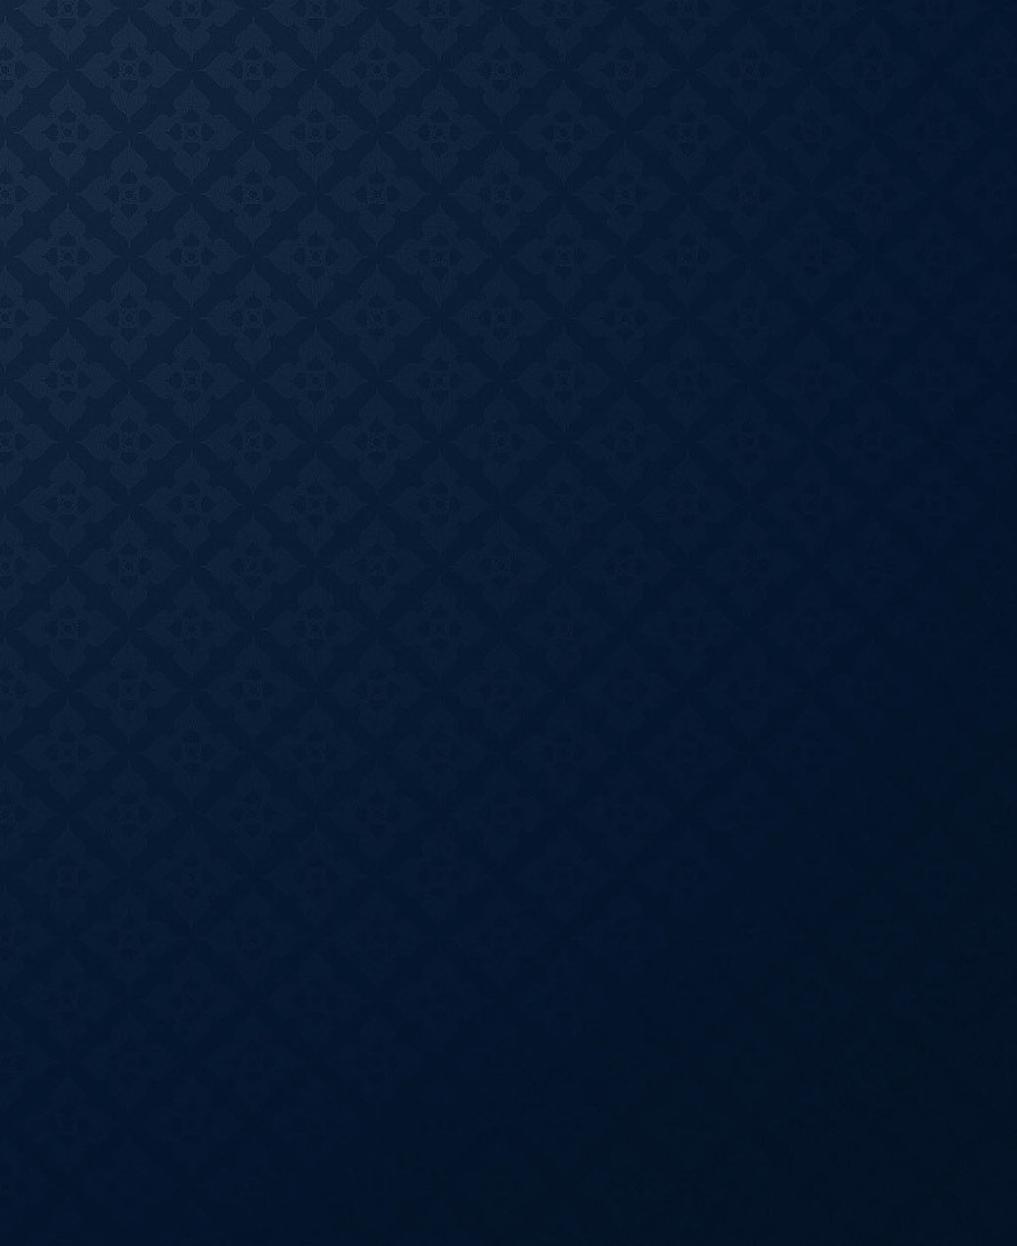 Молодежный Совет Средне - Западного Объединения - • Бабарыкин Антон (Руководитель)• Крутиков Алексей (Помощник - Denver, CO)• Валасюк Иван (Помощник - Tulsa, OK)• Моисеев Денис (Помощник - St. Louis, MO)• Лифтинюк Эдуард (Помощник - Minneapolis, MN)• Шариков Фаддей (Помощник - Minneapolis, MN)- Петренко Павел (Помощник - Minneapolis, MN)По Всем вопросам касательно Молодежного Служения обращайтесь по тел: 720-227-4714 (Бабарыкин Антон)